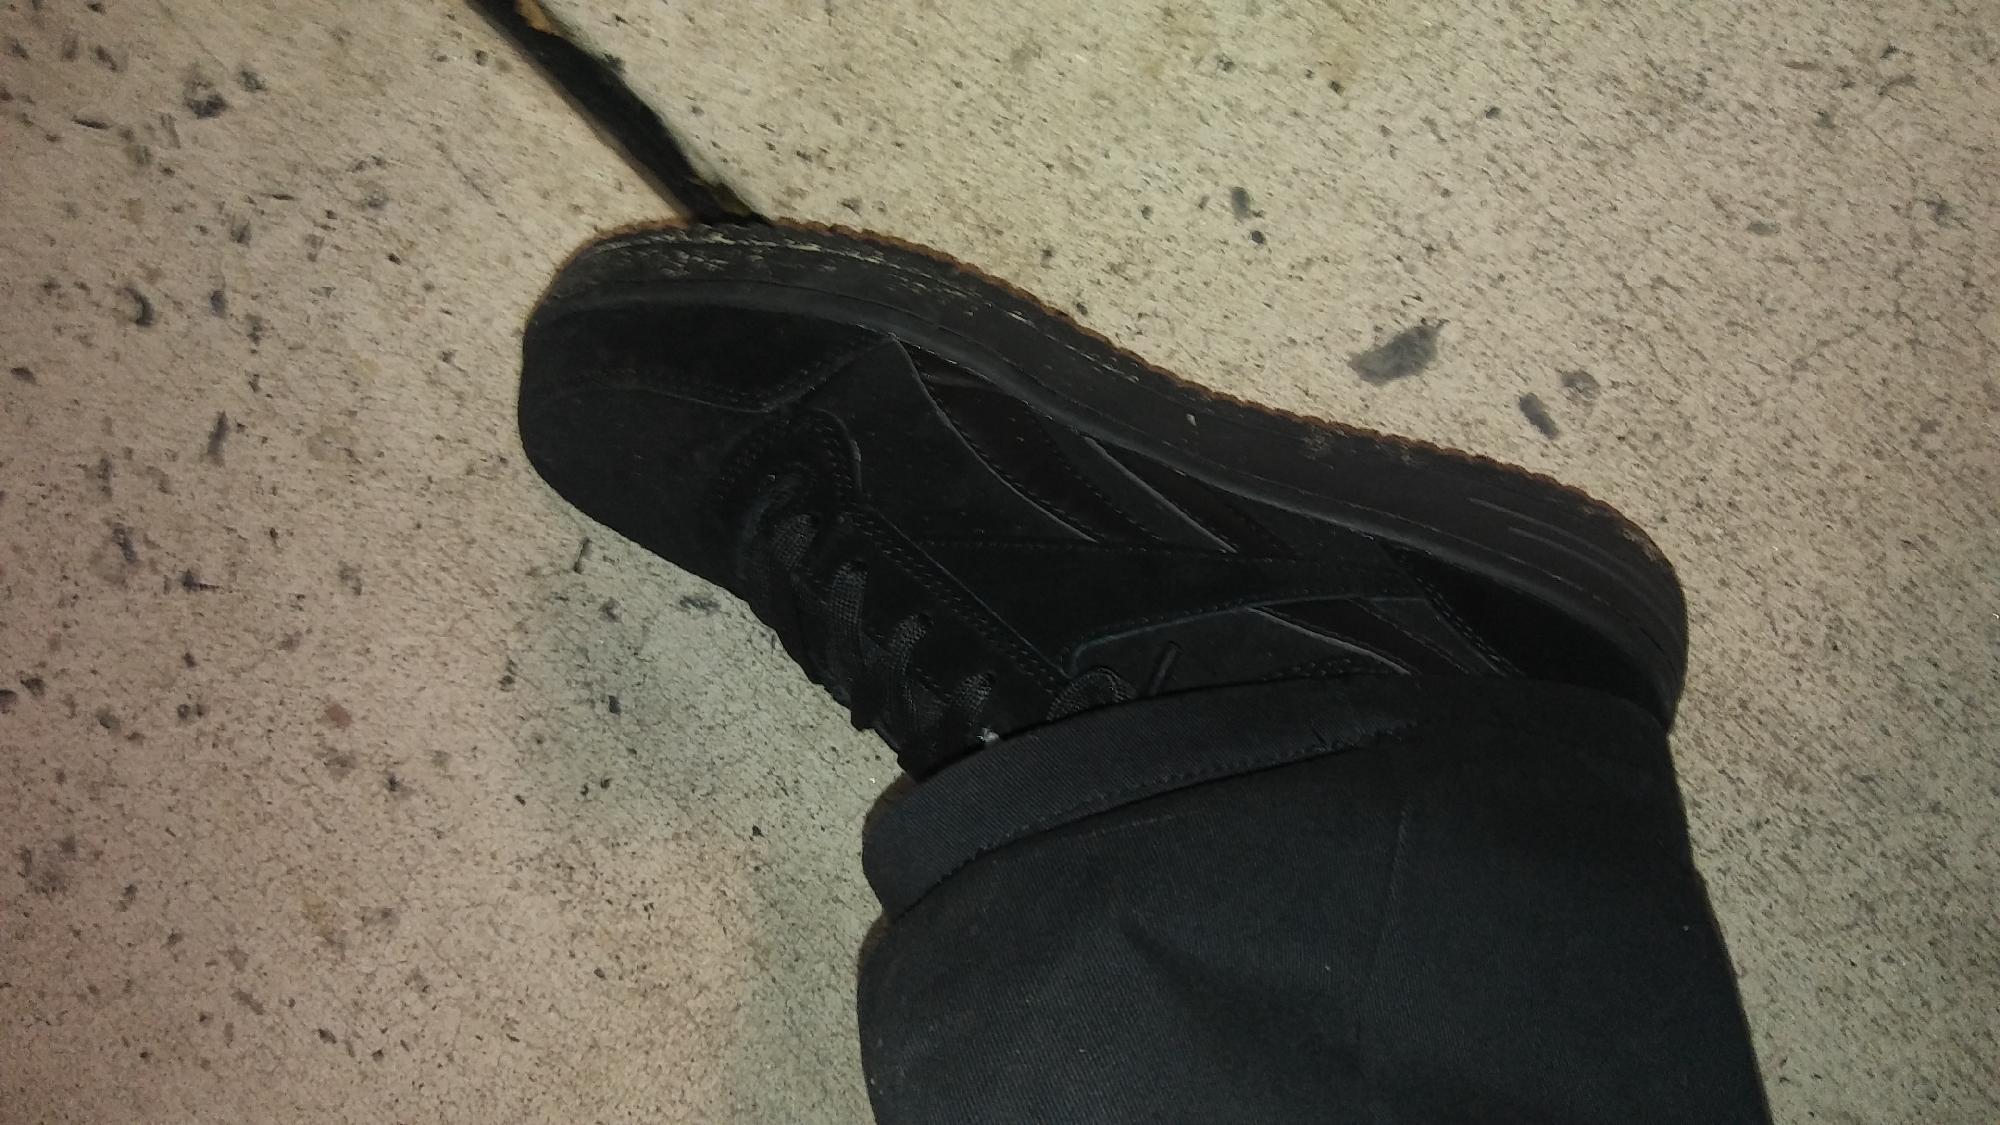 eafeeeb81295 Reebok Work Soyay at Zappos.com